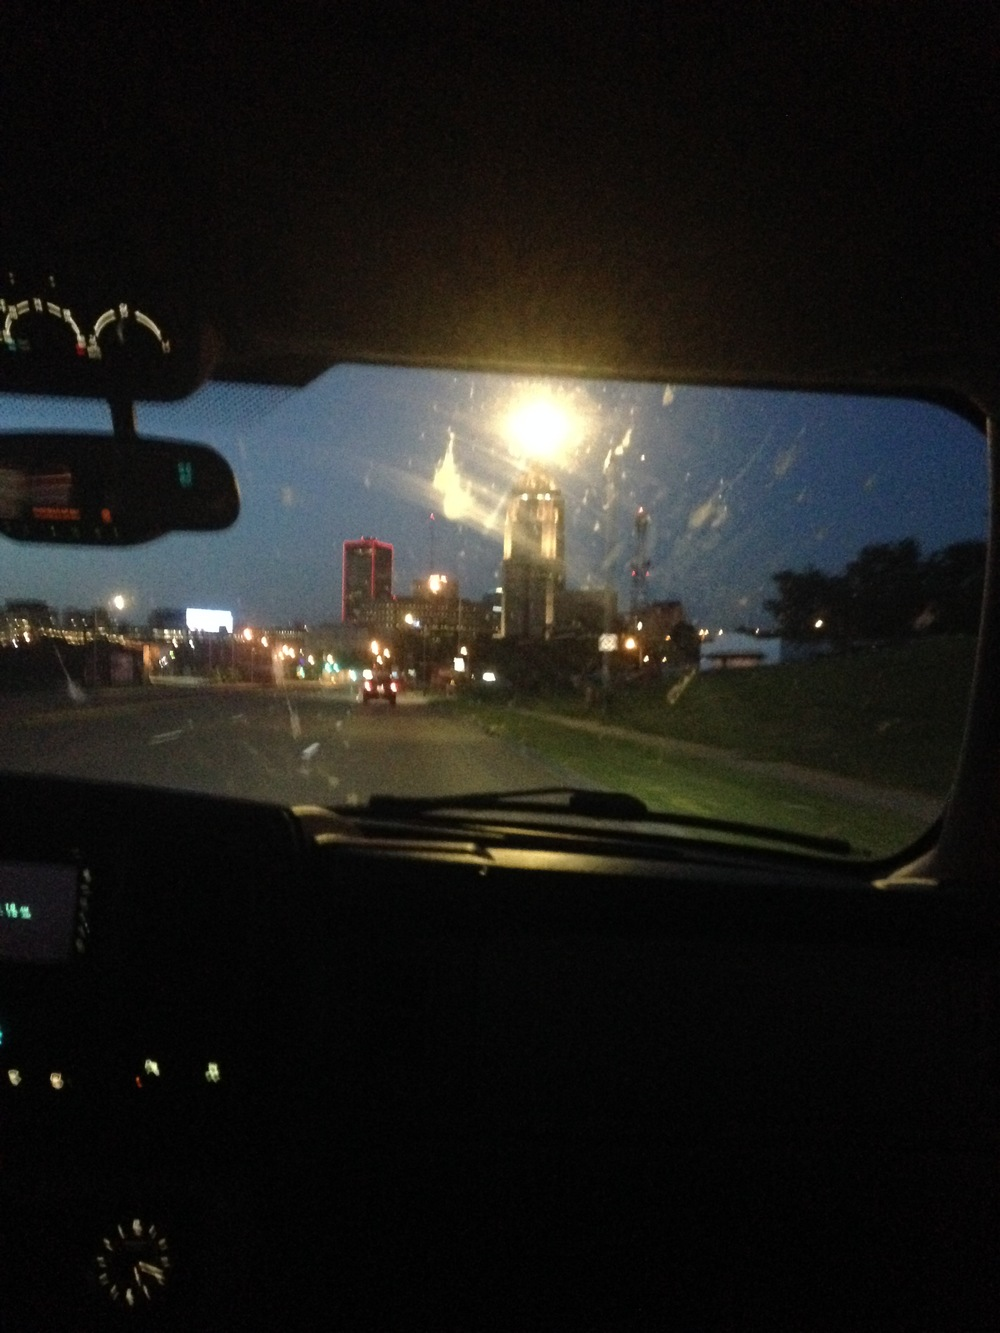 Downtown-Des-Moines.jpg